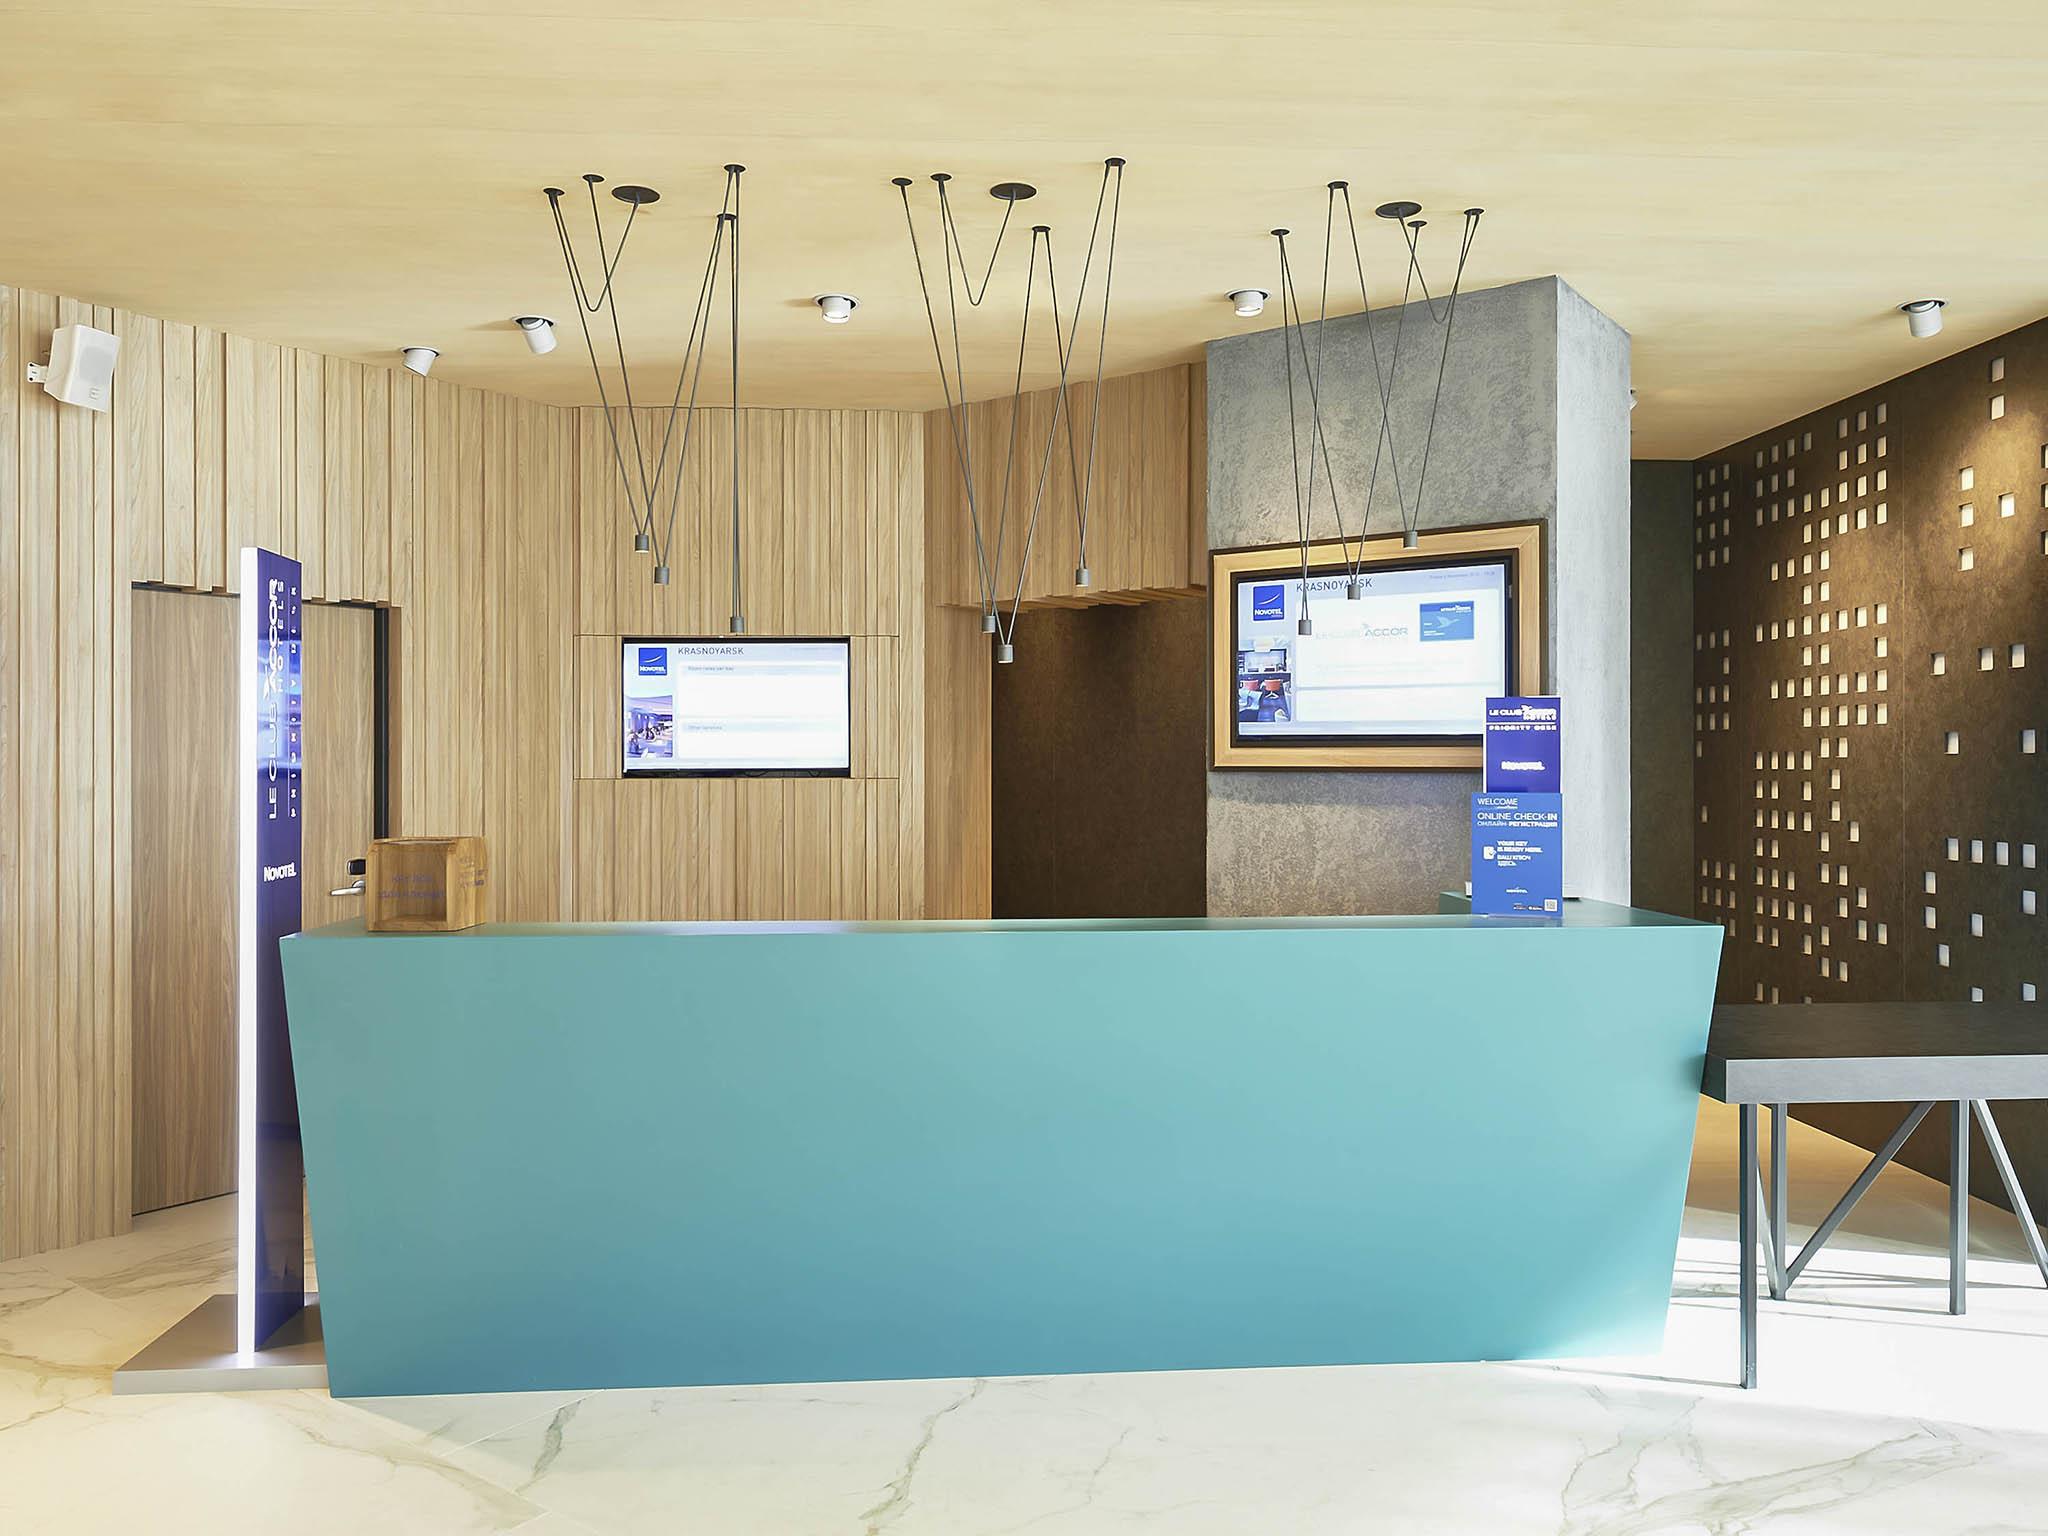 Hotel in KRASNOYARSK - Novotel Krasnoyarsk Center